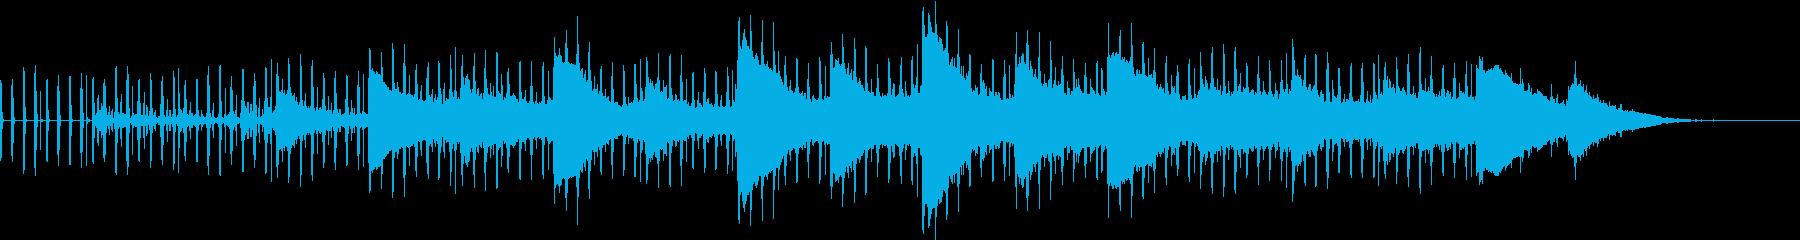 平坦な調子の打ち込み曲の再生済みの波形